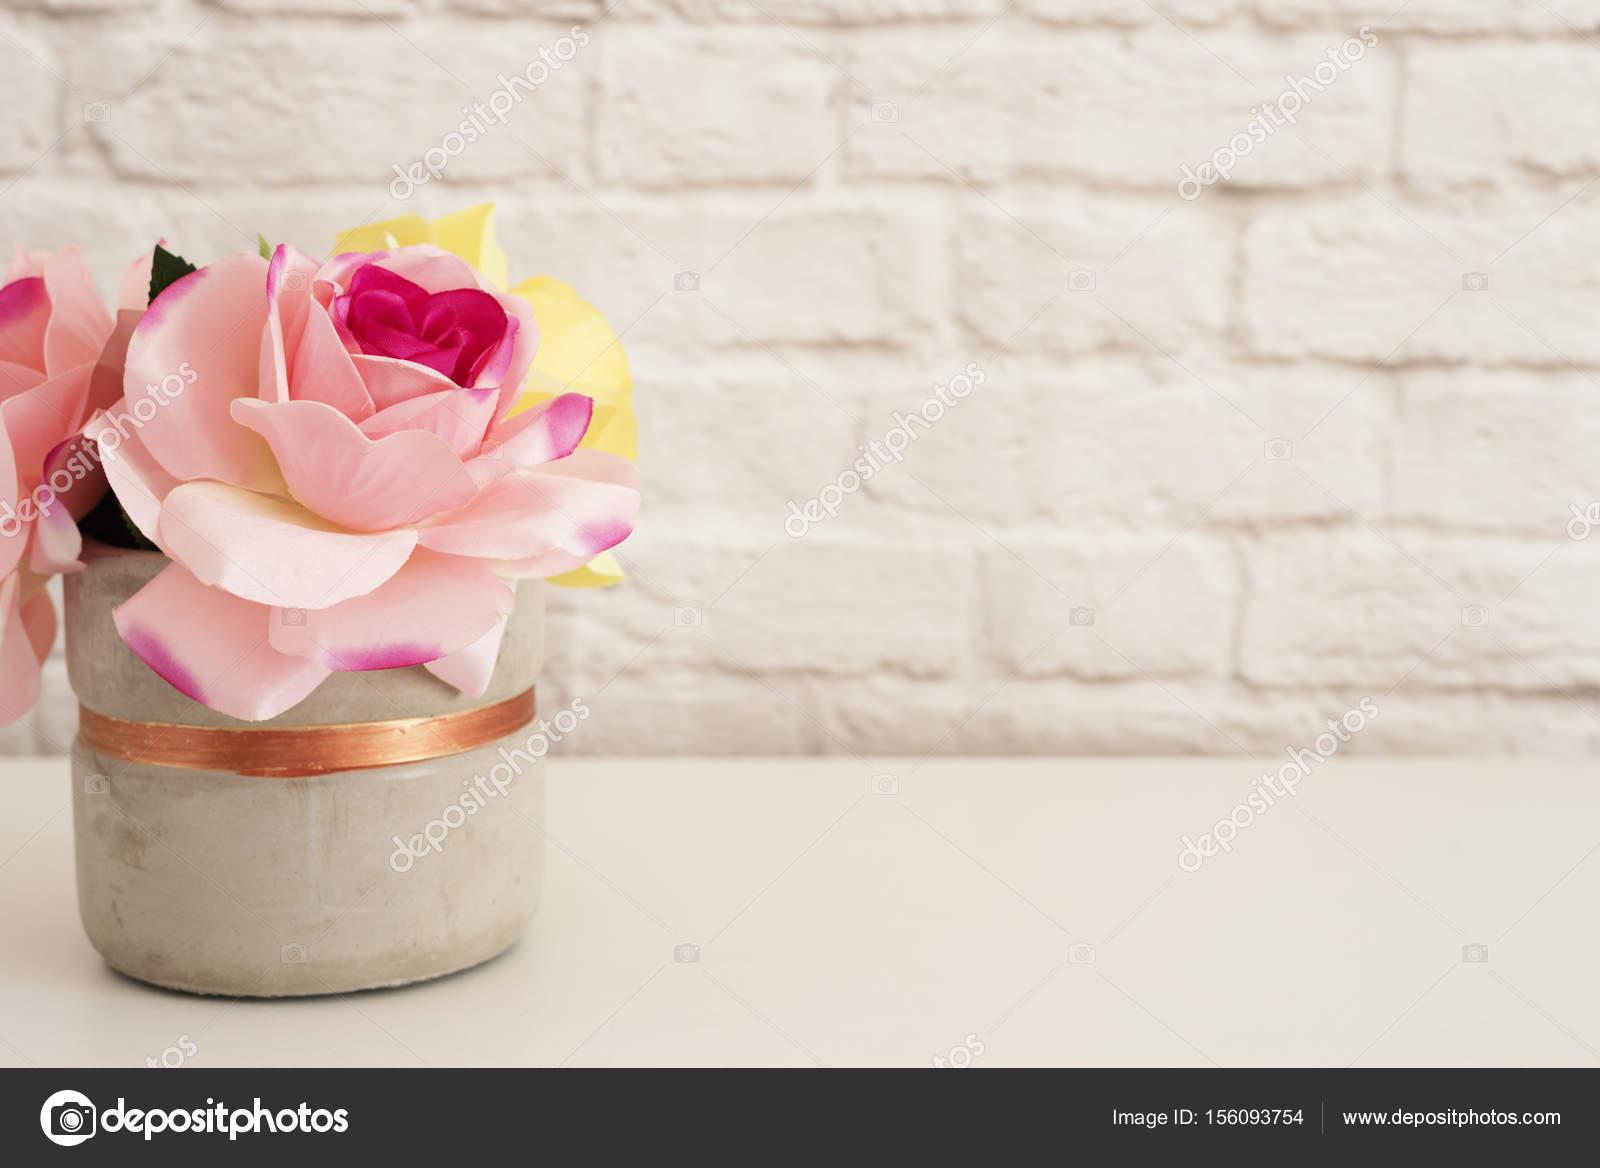 Roses roses maquette style de photographie mur de brique produit